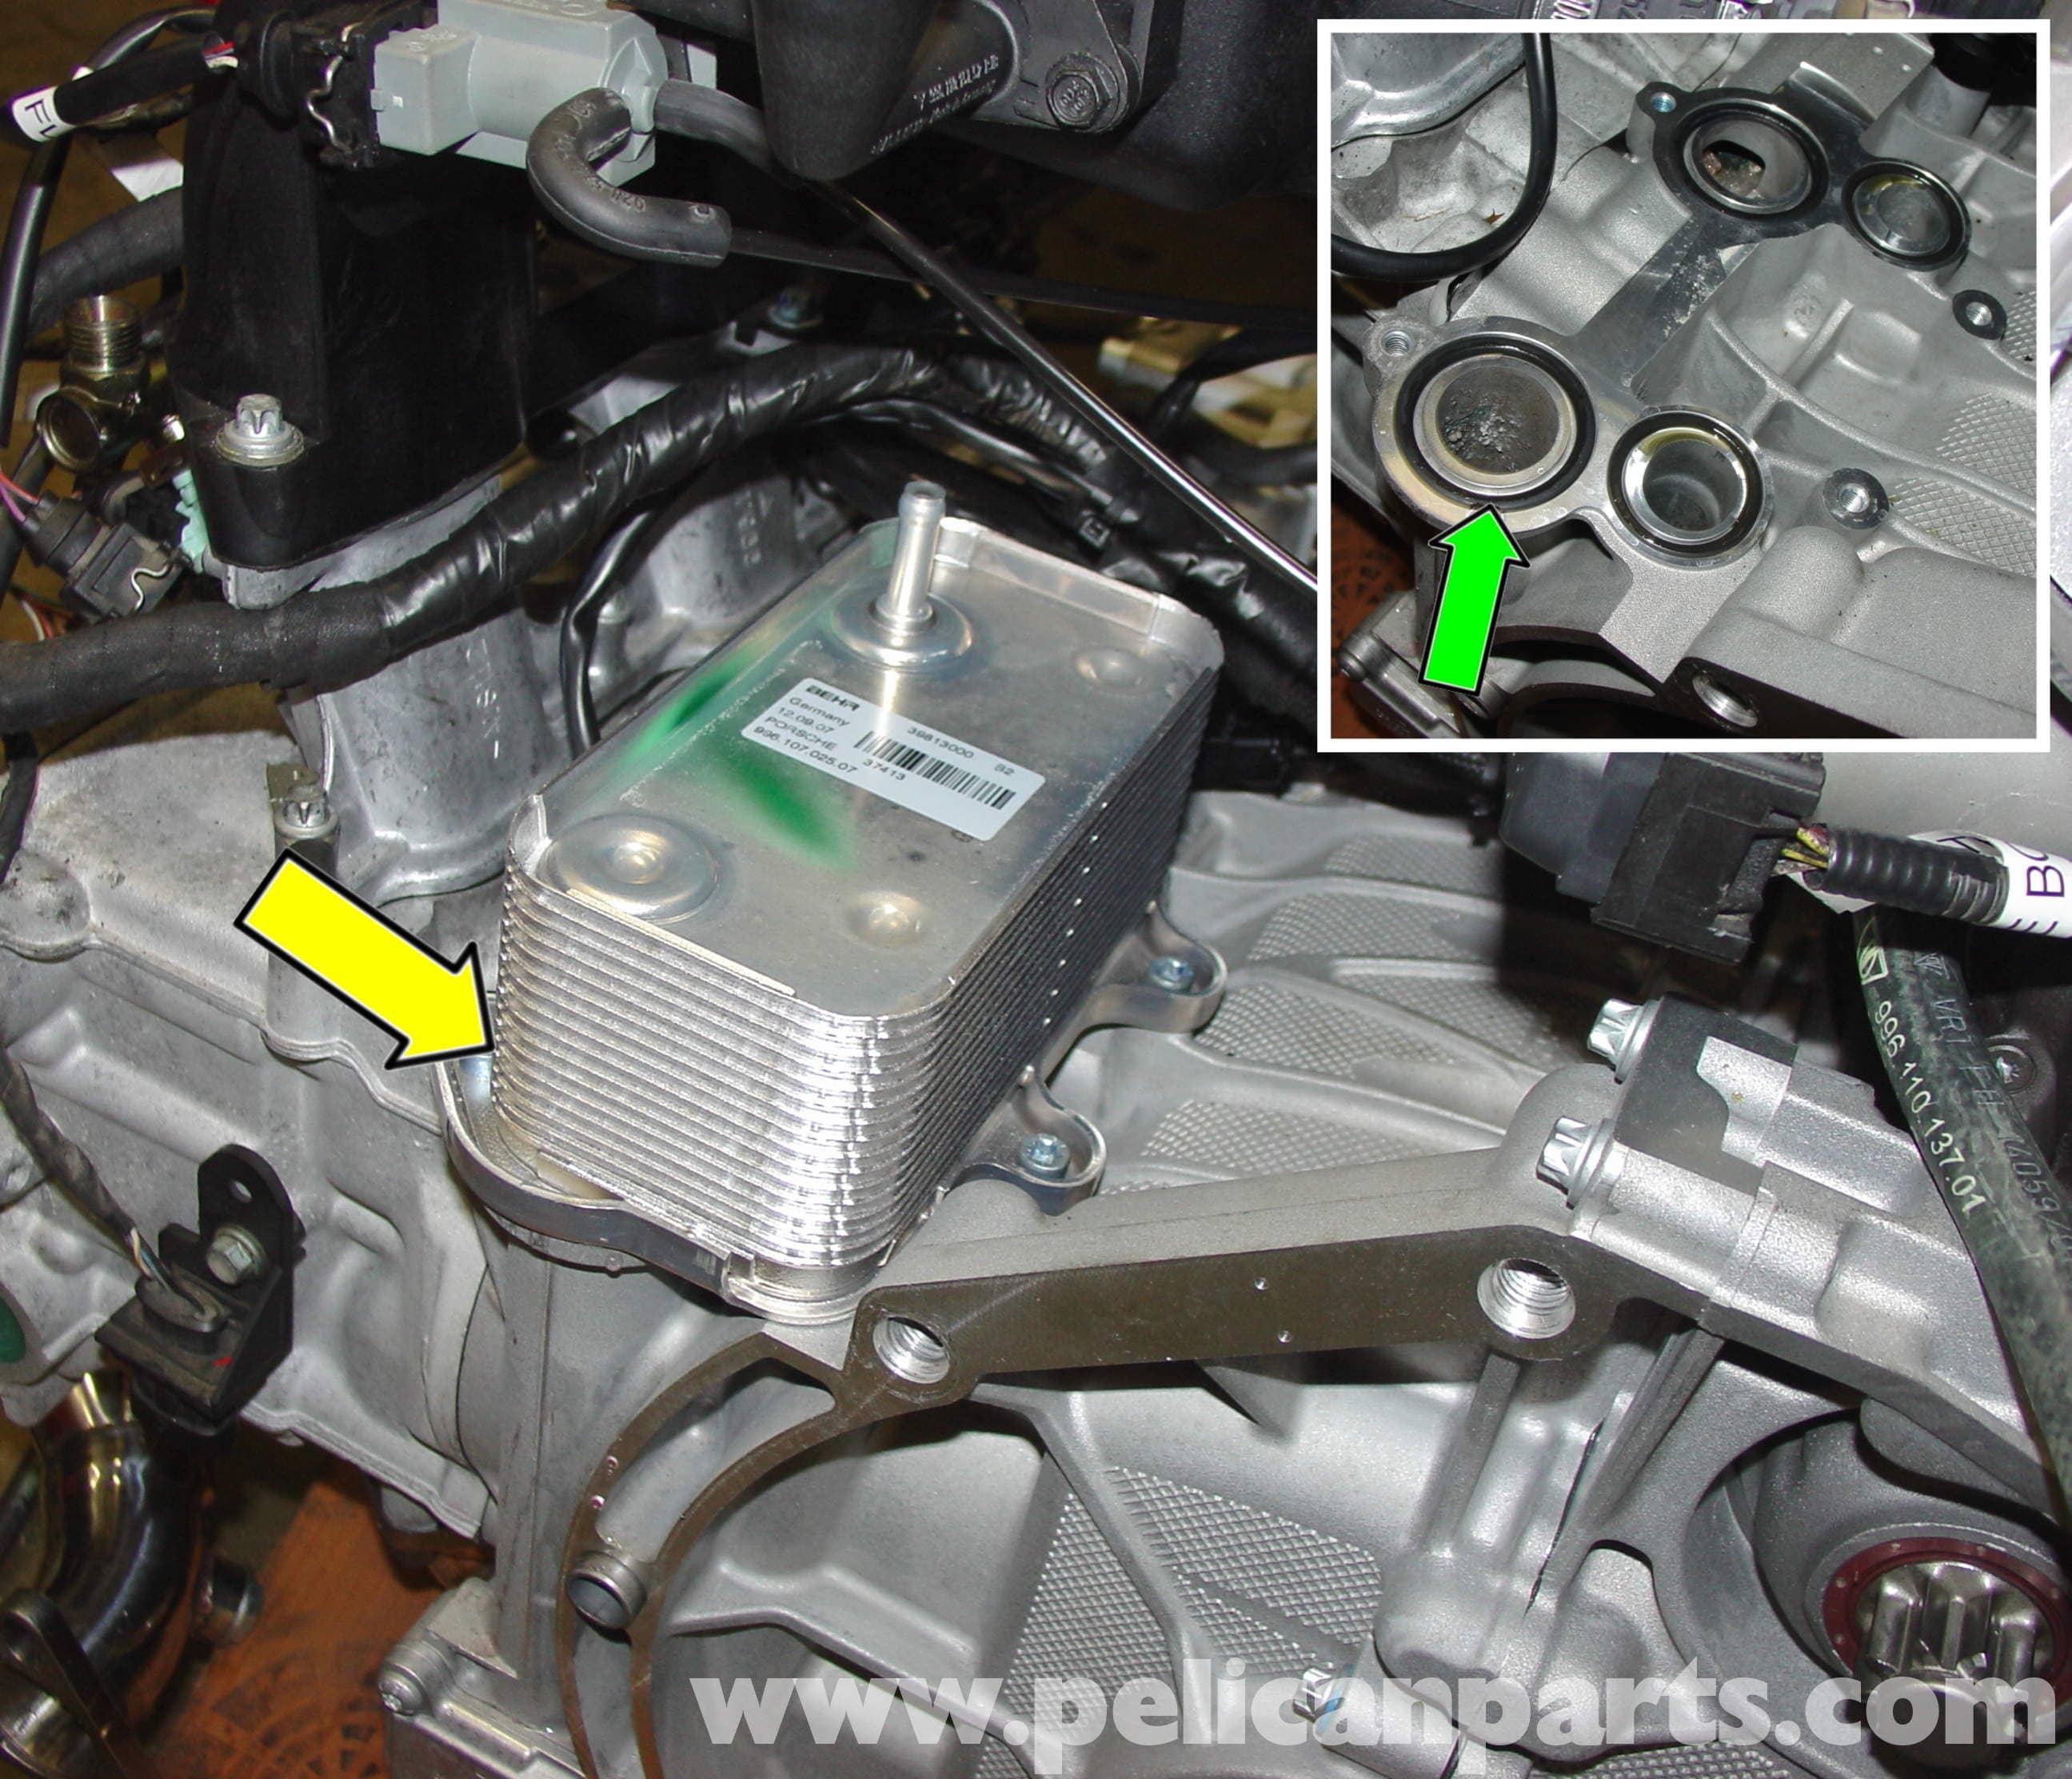 porsche boxster starter replacement 986 987 1997 08 pelican rh pelicanparts com Porsche Boxster S Engine Porsche Boxster Engine Compartment